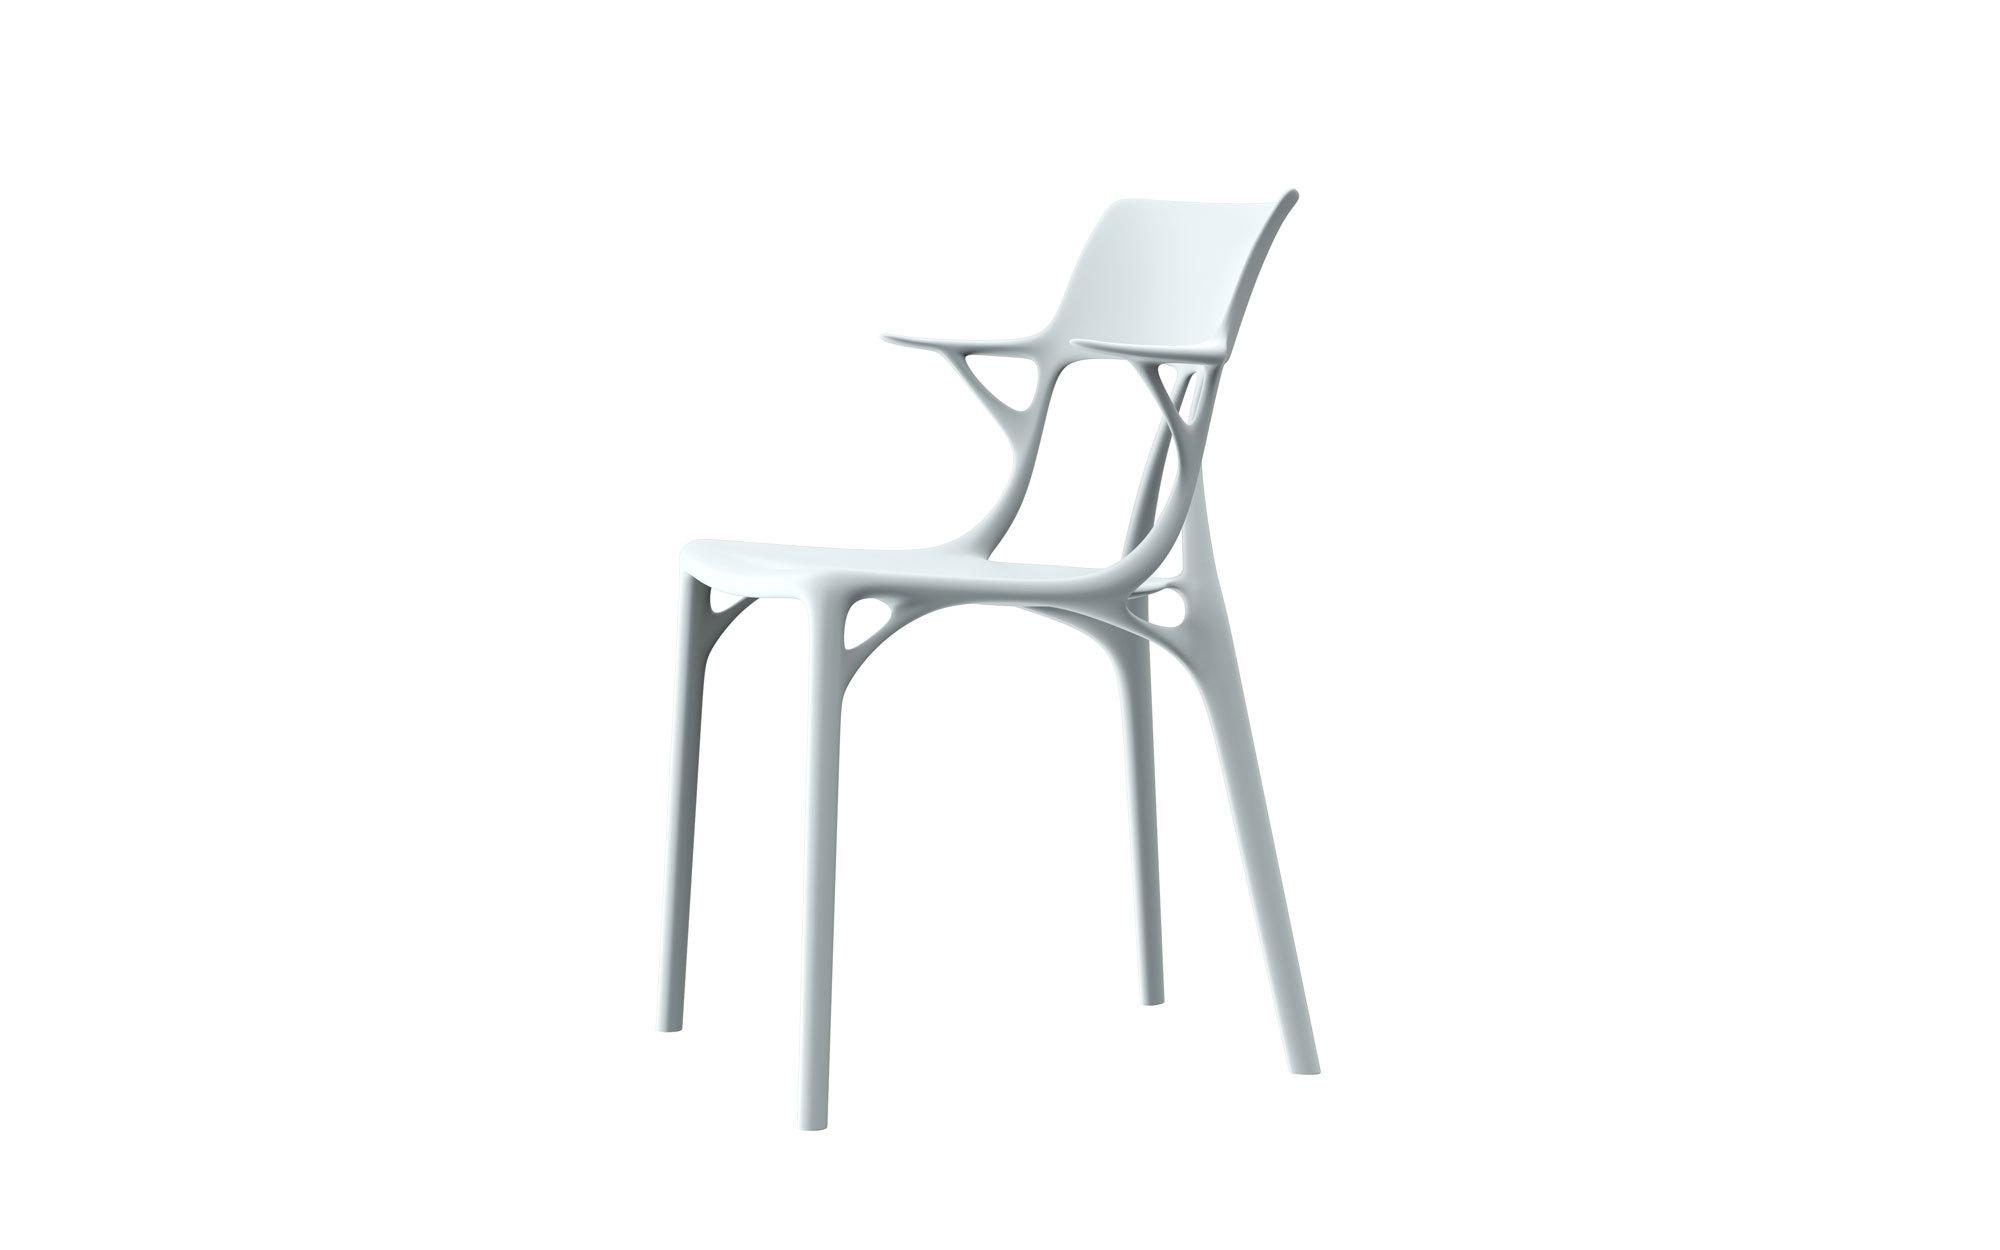 Der Stuhl A.I. wurde von Starck unter Verwendung einer von Autodesk entwickelten Prototyp-Software für generatives Design entworfen.